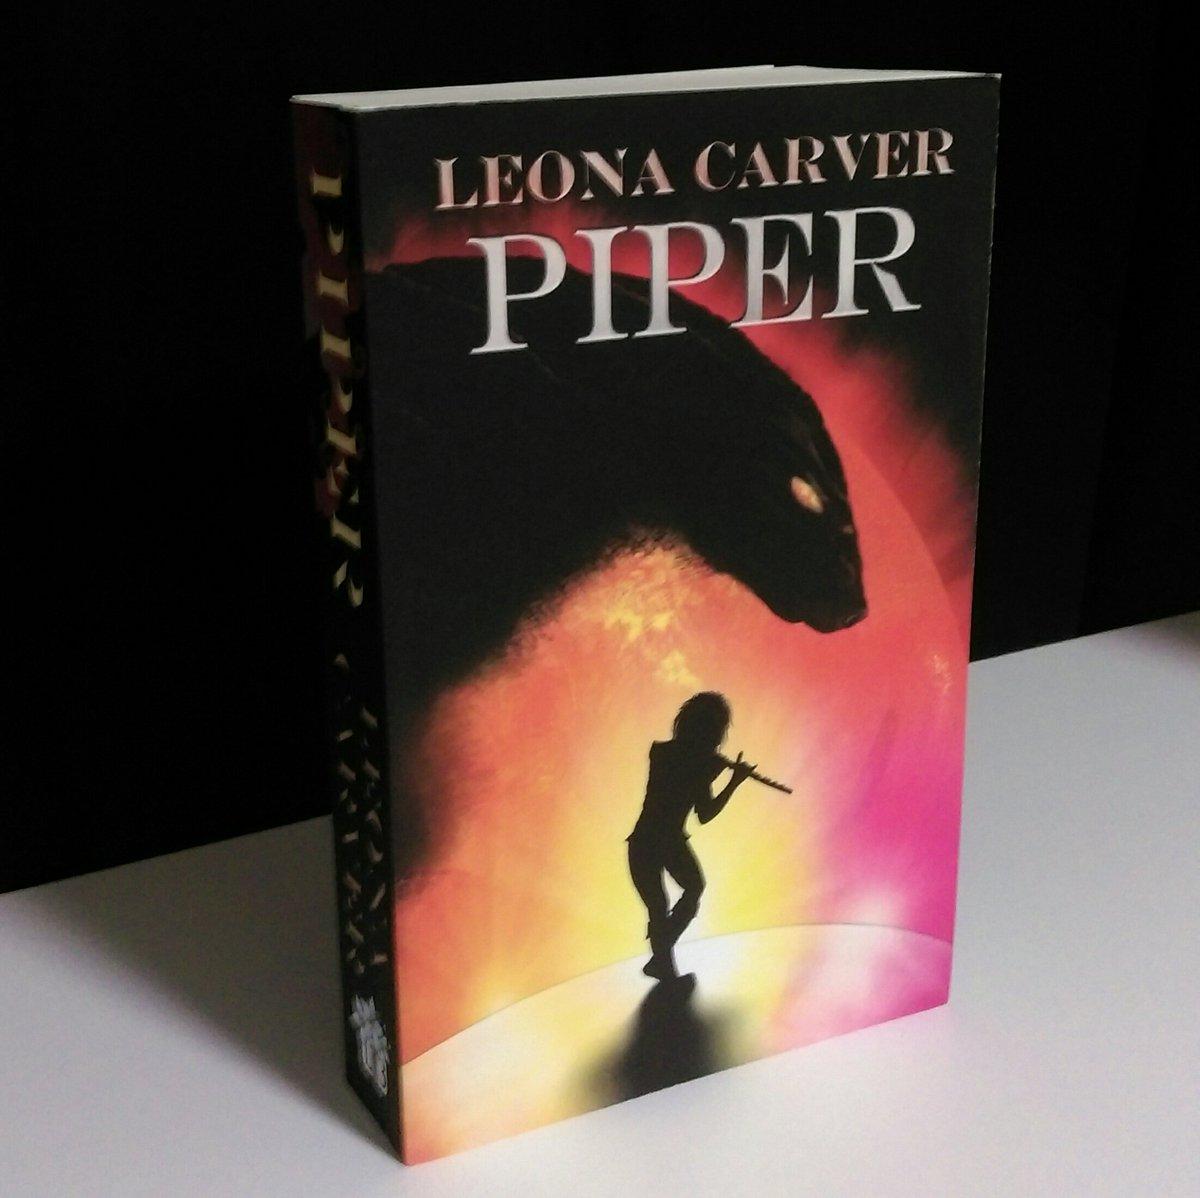 Piper by Leona Carver